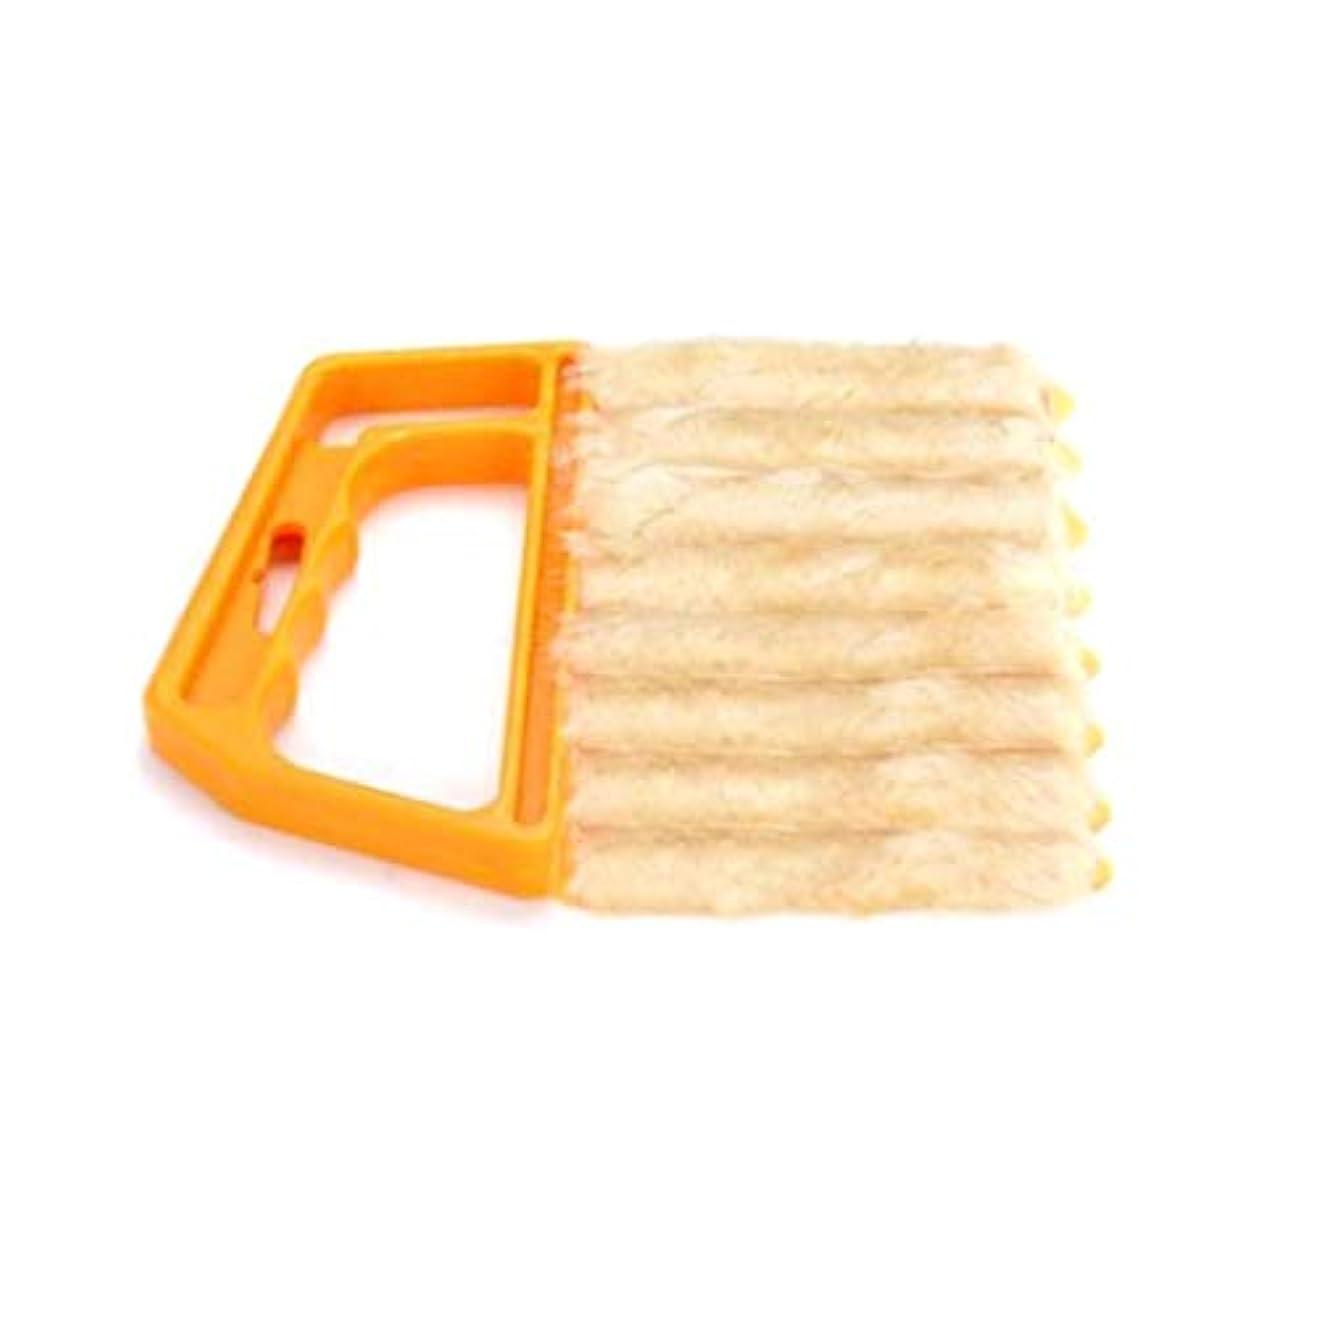 バース穀物松Idoiole ハンドヘルドエアコンシャッター窓ブラインドブラシダストクリーナー家庭用具 ヘアカラーリング用品